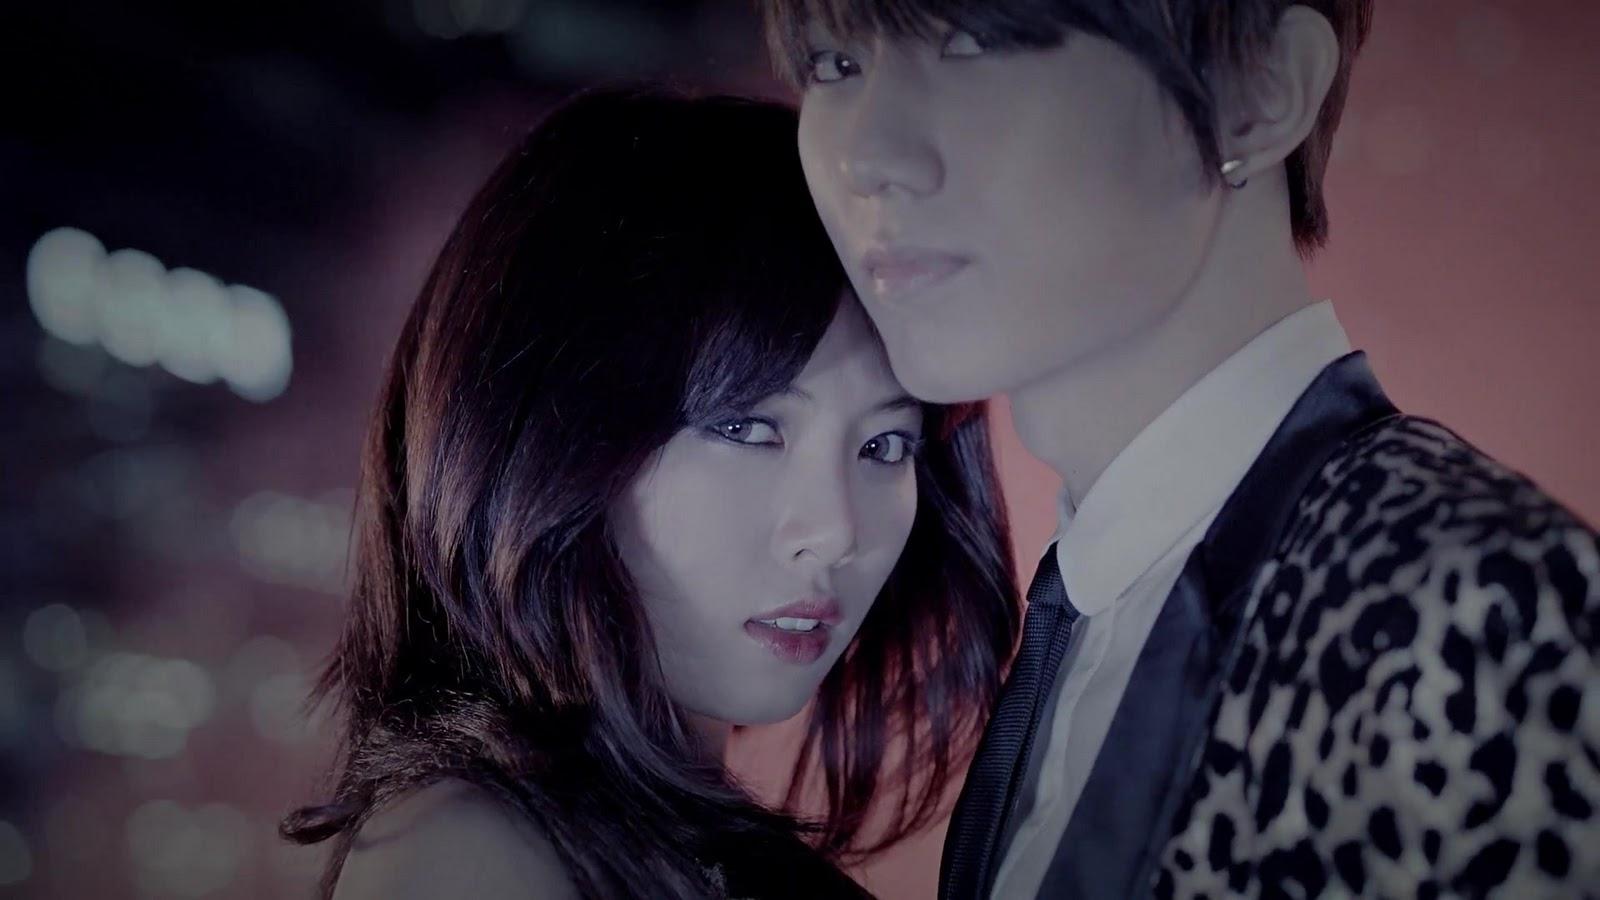 http://2.bp.blogspot.com/-widgbKKkkbU/Tt-QtpfMcTI/AAAAAAAABro/r8nzG85OcYQ/s1600/Hyunseung+Hyuna+Trouble+Maker+MV+03072.jpg